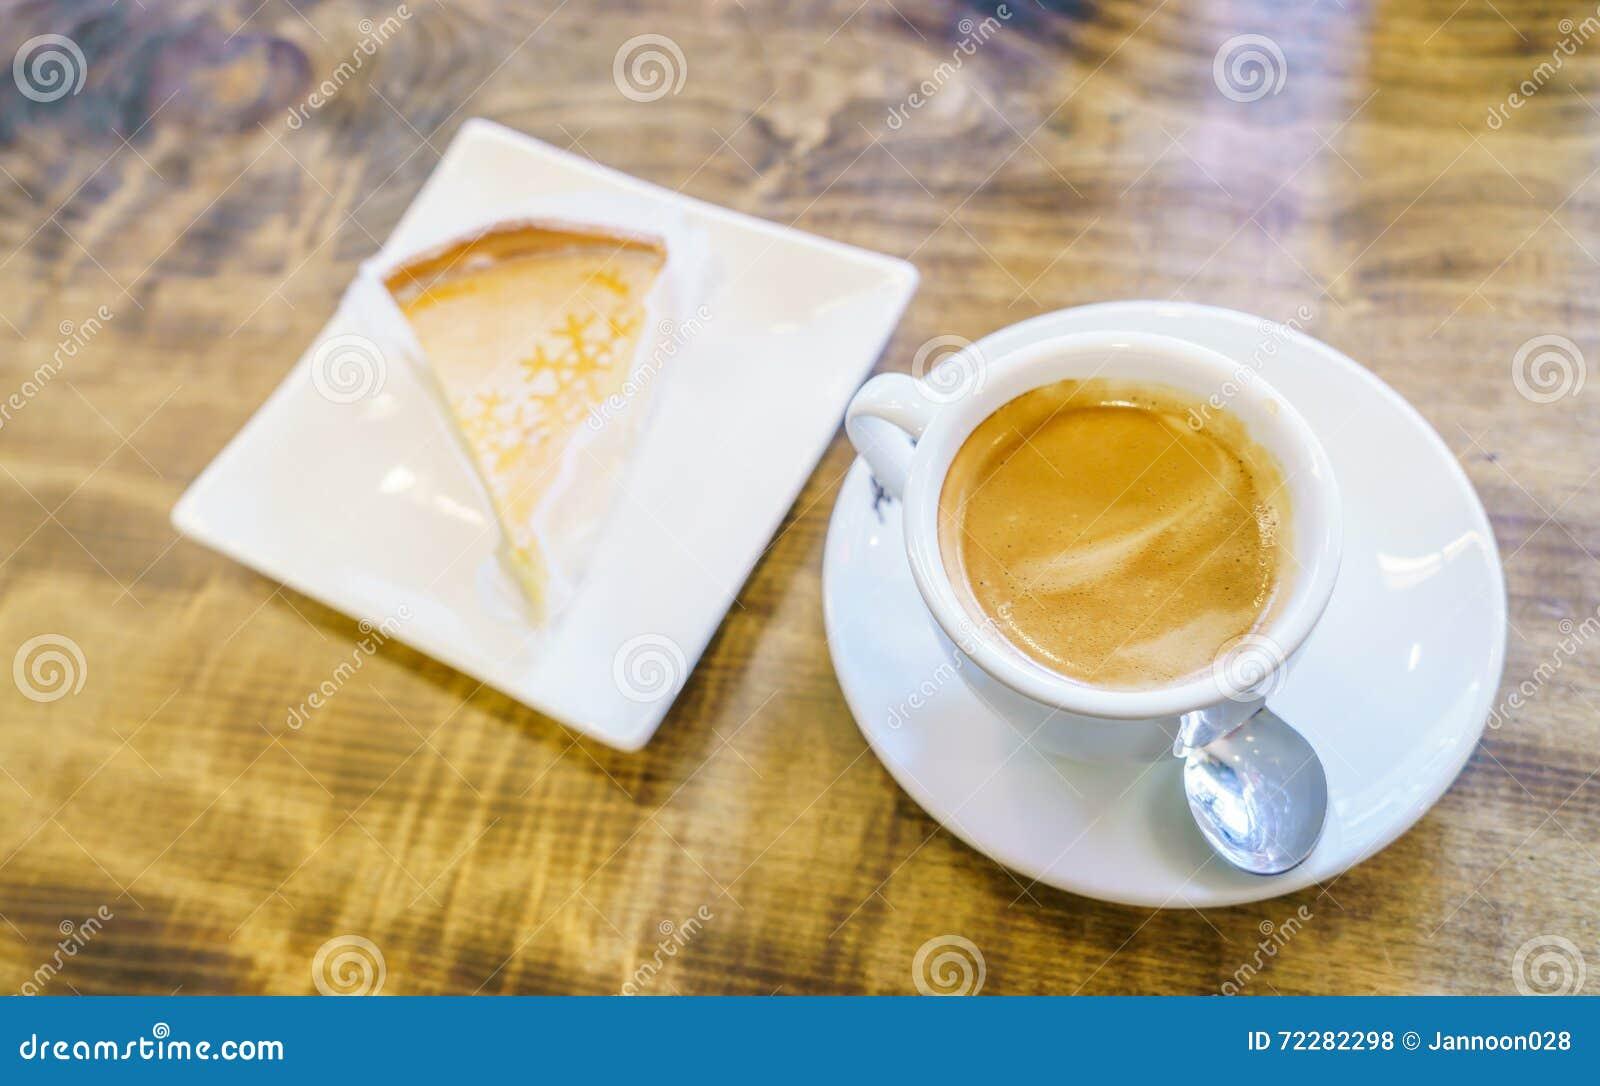 Download Завтрак с яблочным пирогом и кофе Стоковое Фото - изображение насчитывающей вкусно, отражение: 72282298